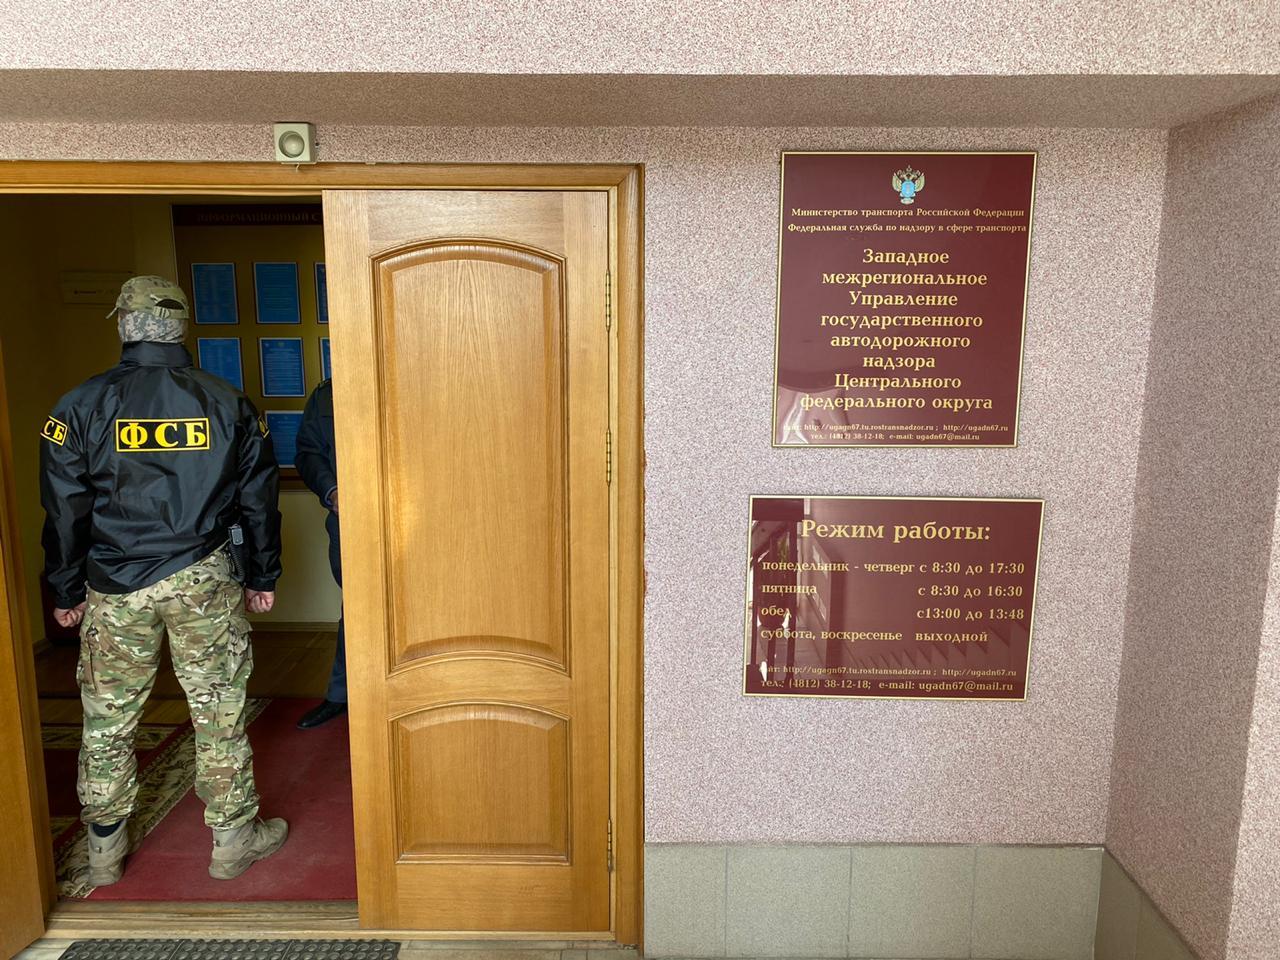 ФСБ, задержание 14.05.2020, Западное межрегиональное управление государственного автодорожного надзора ЦФО в Смоленске